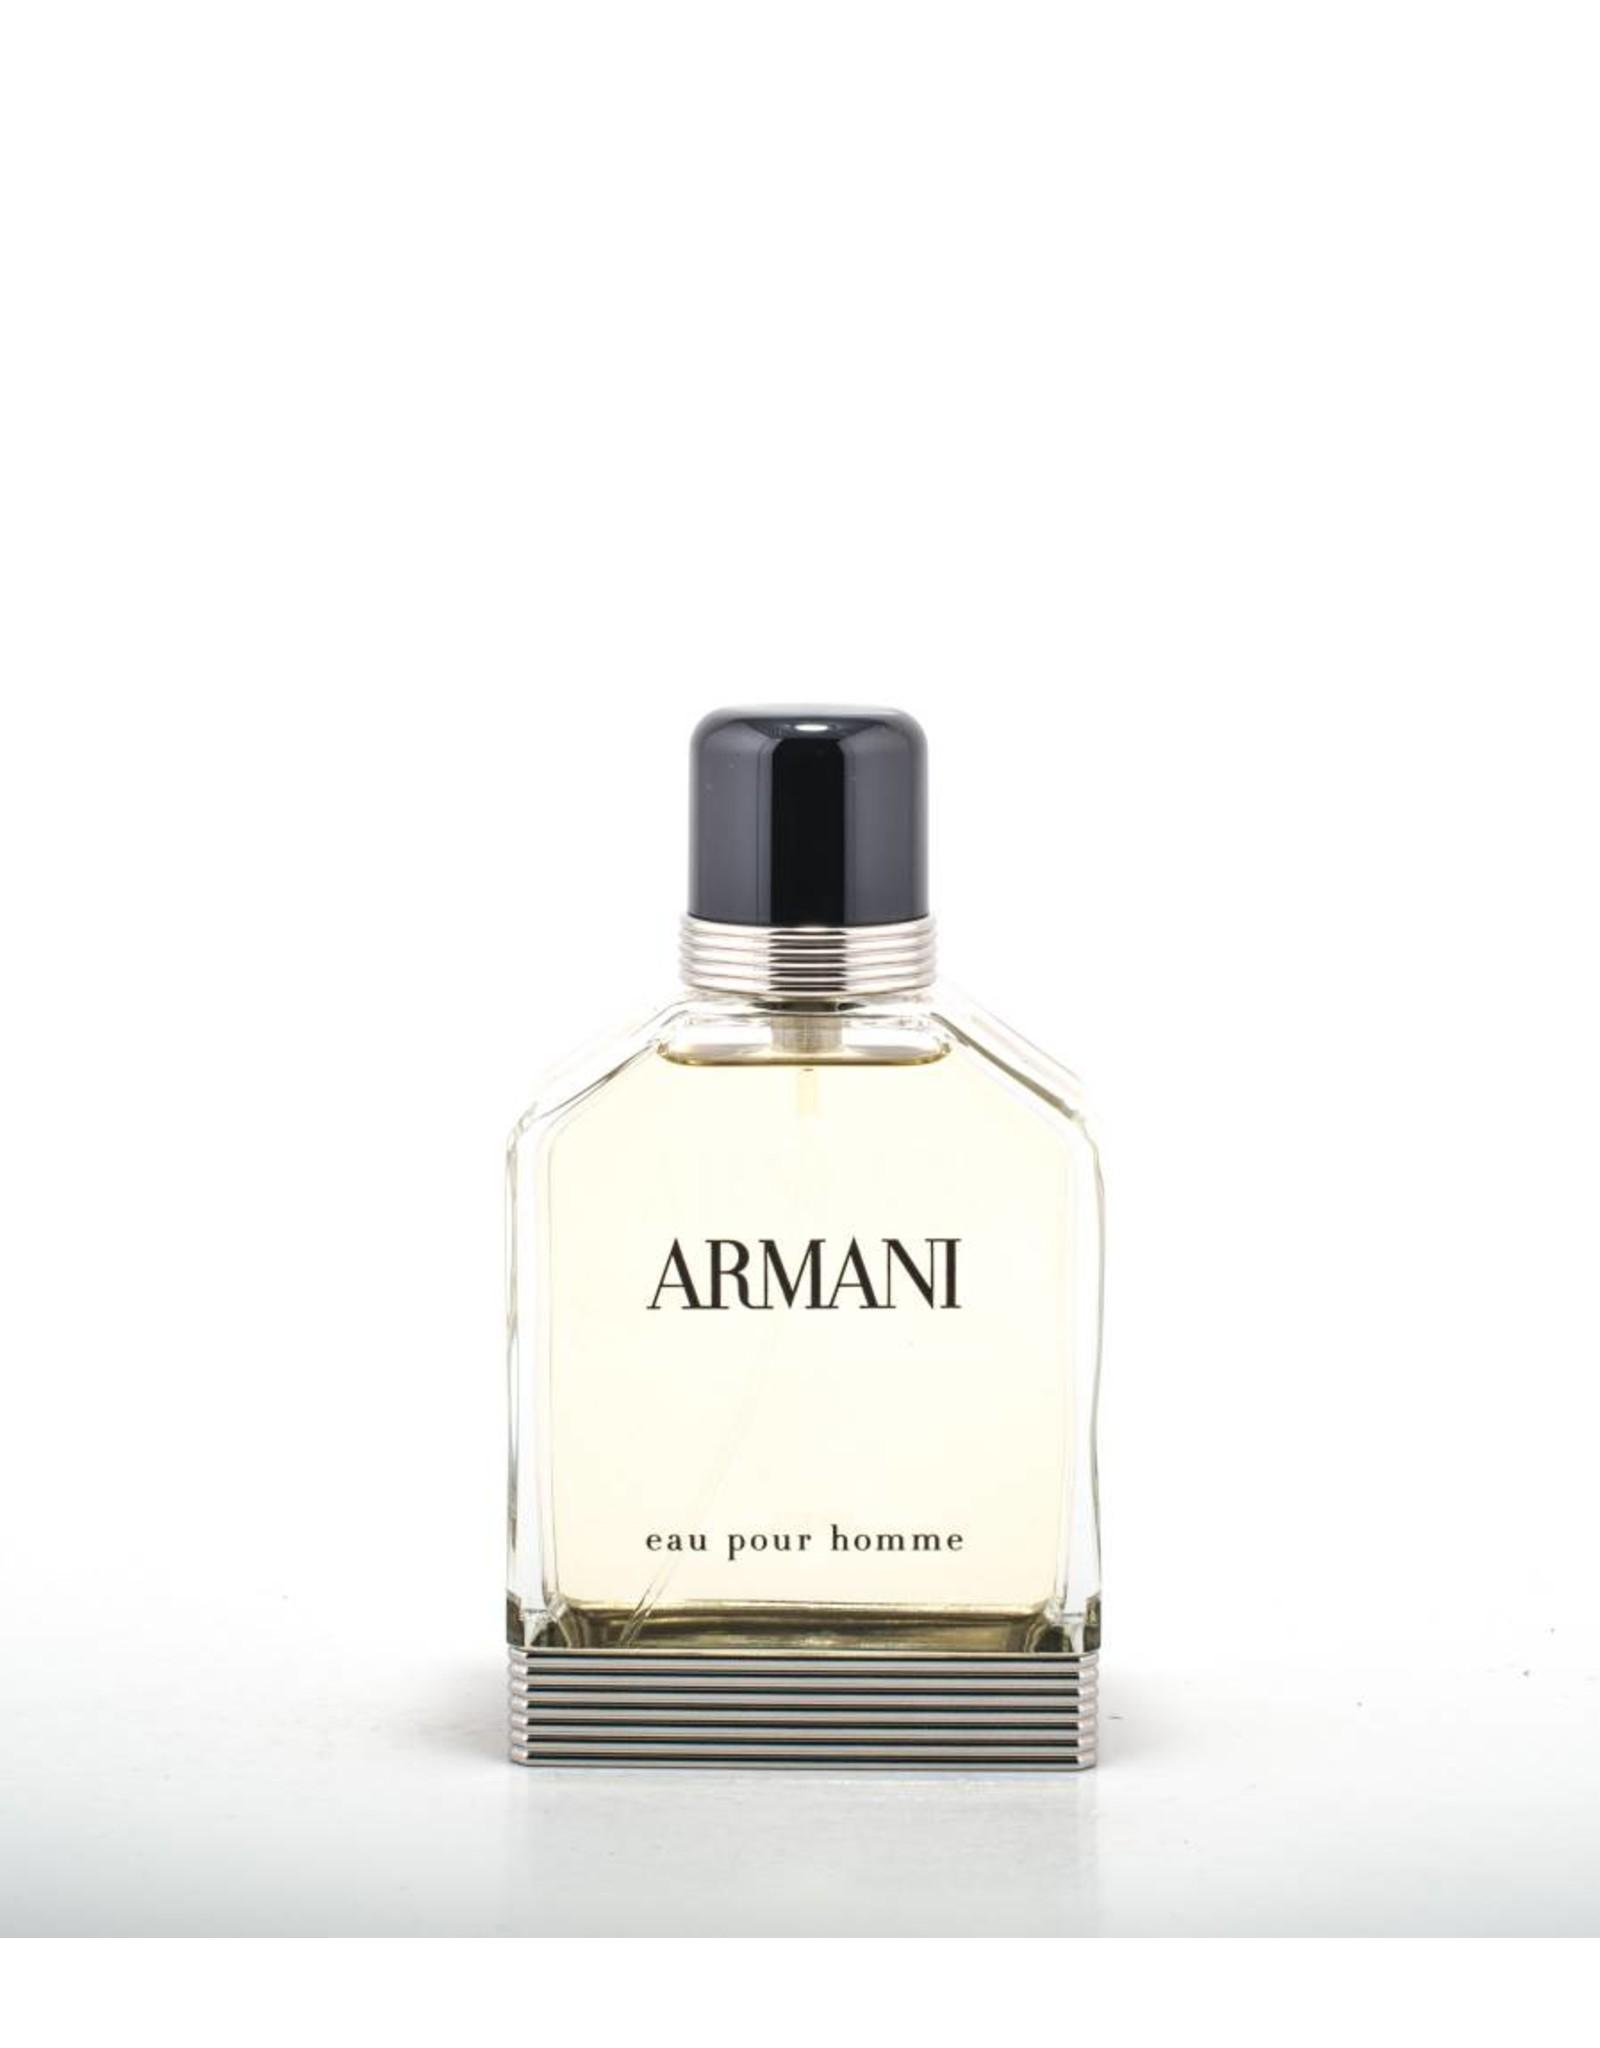 ARMANI GIORGIO ARMANI ARMANI EAU POUR HOMME